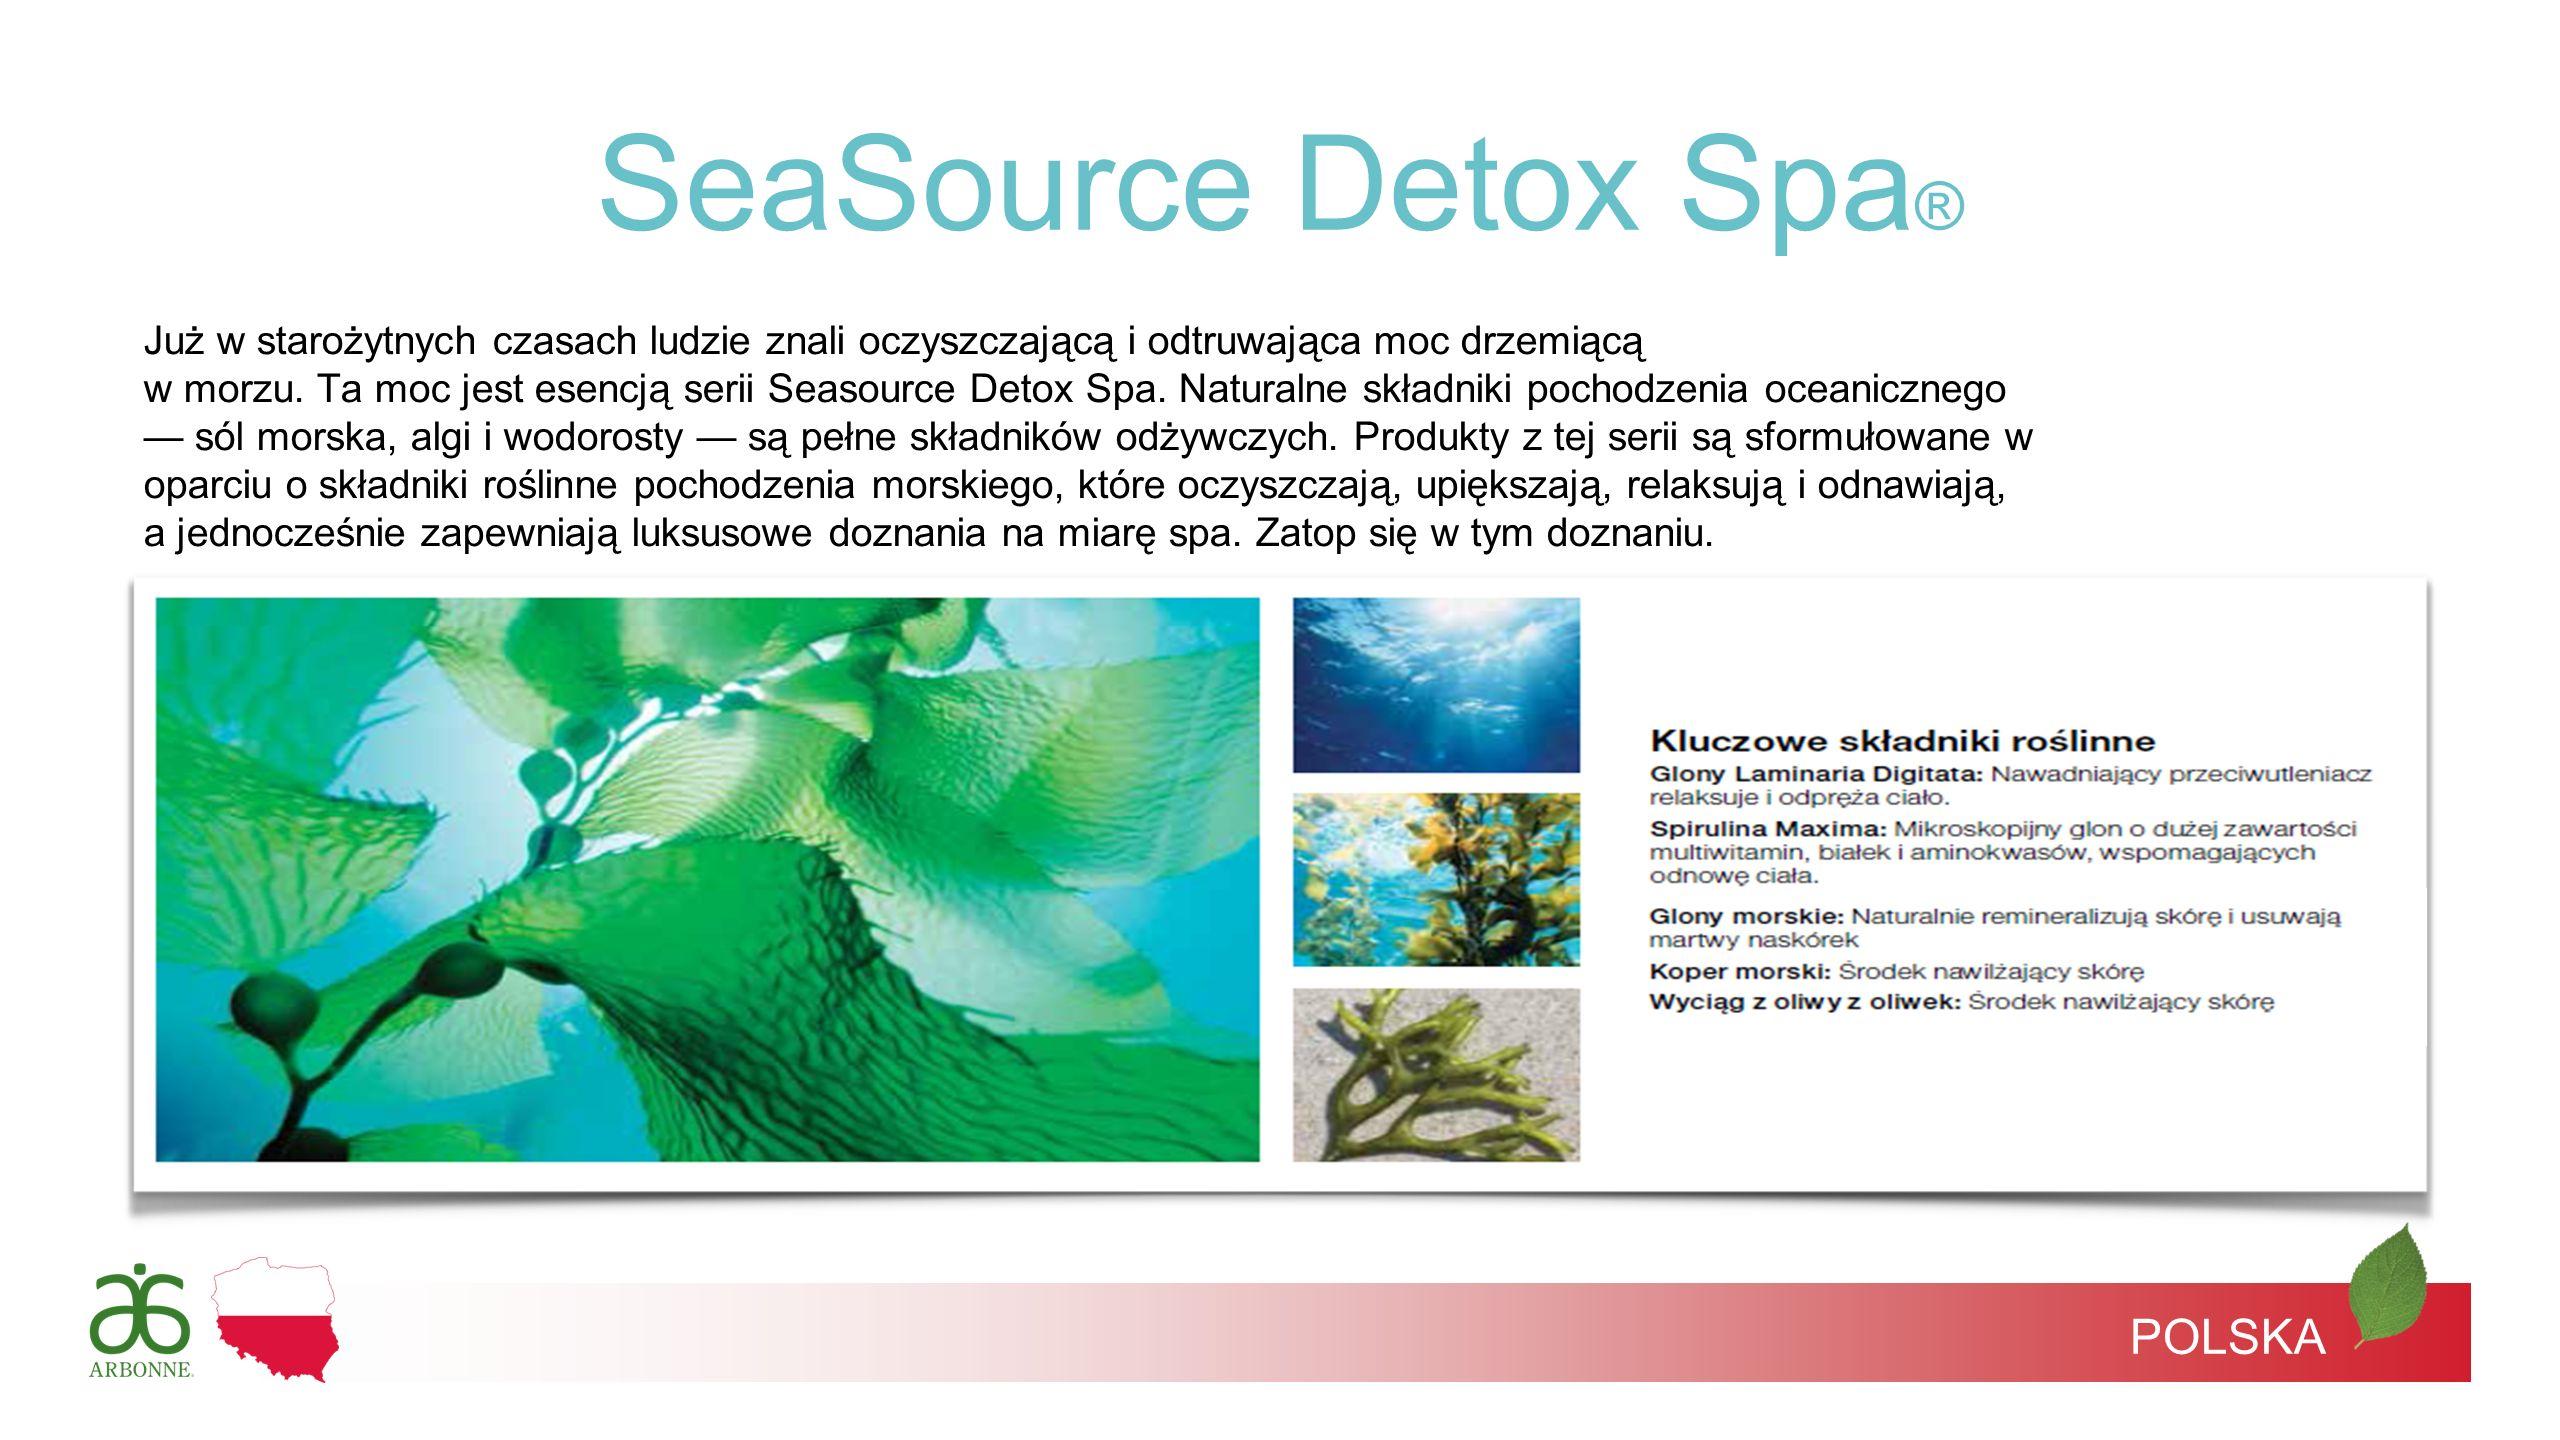 POLSKA Już w starożytnych czasach ludzie znali oczyszczającą i odtruwająca moc drzemiącą w morzu. Ta moc jest esencją serii Seasource Detox Spa. Natur